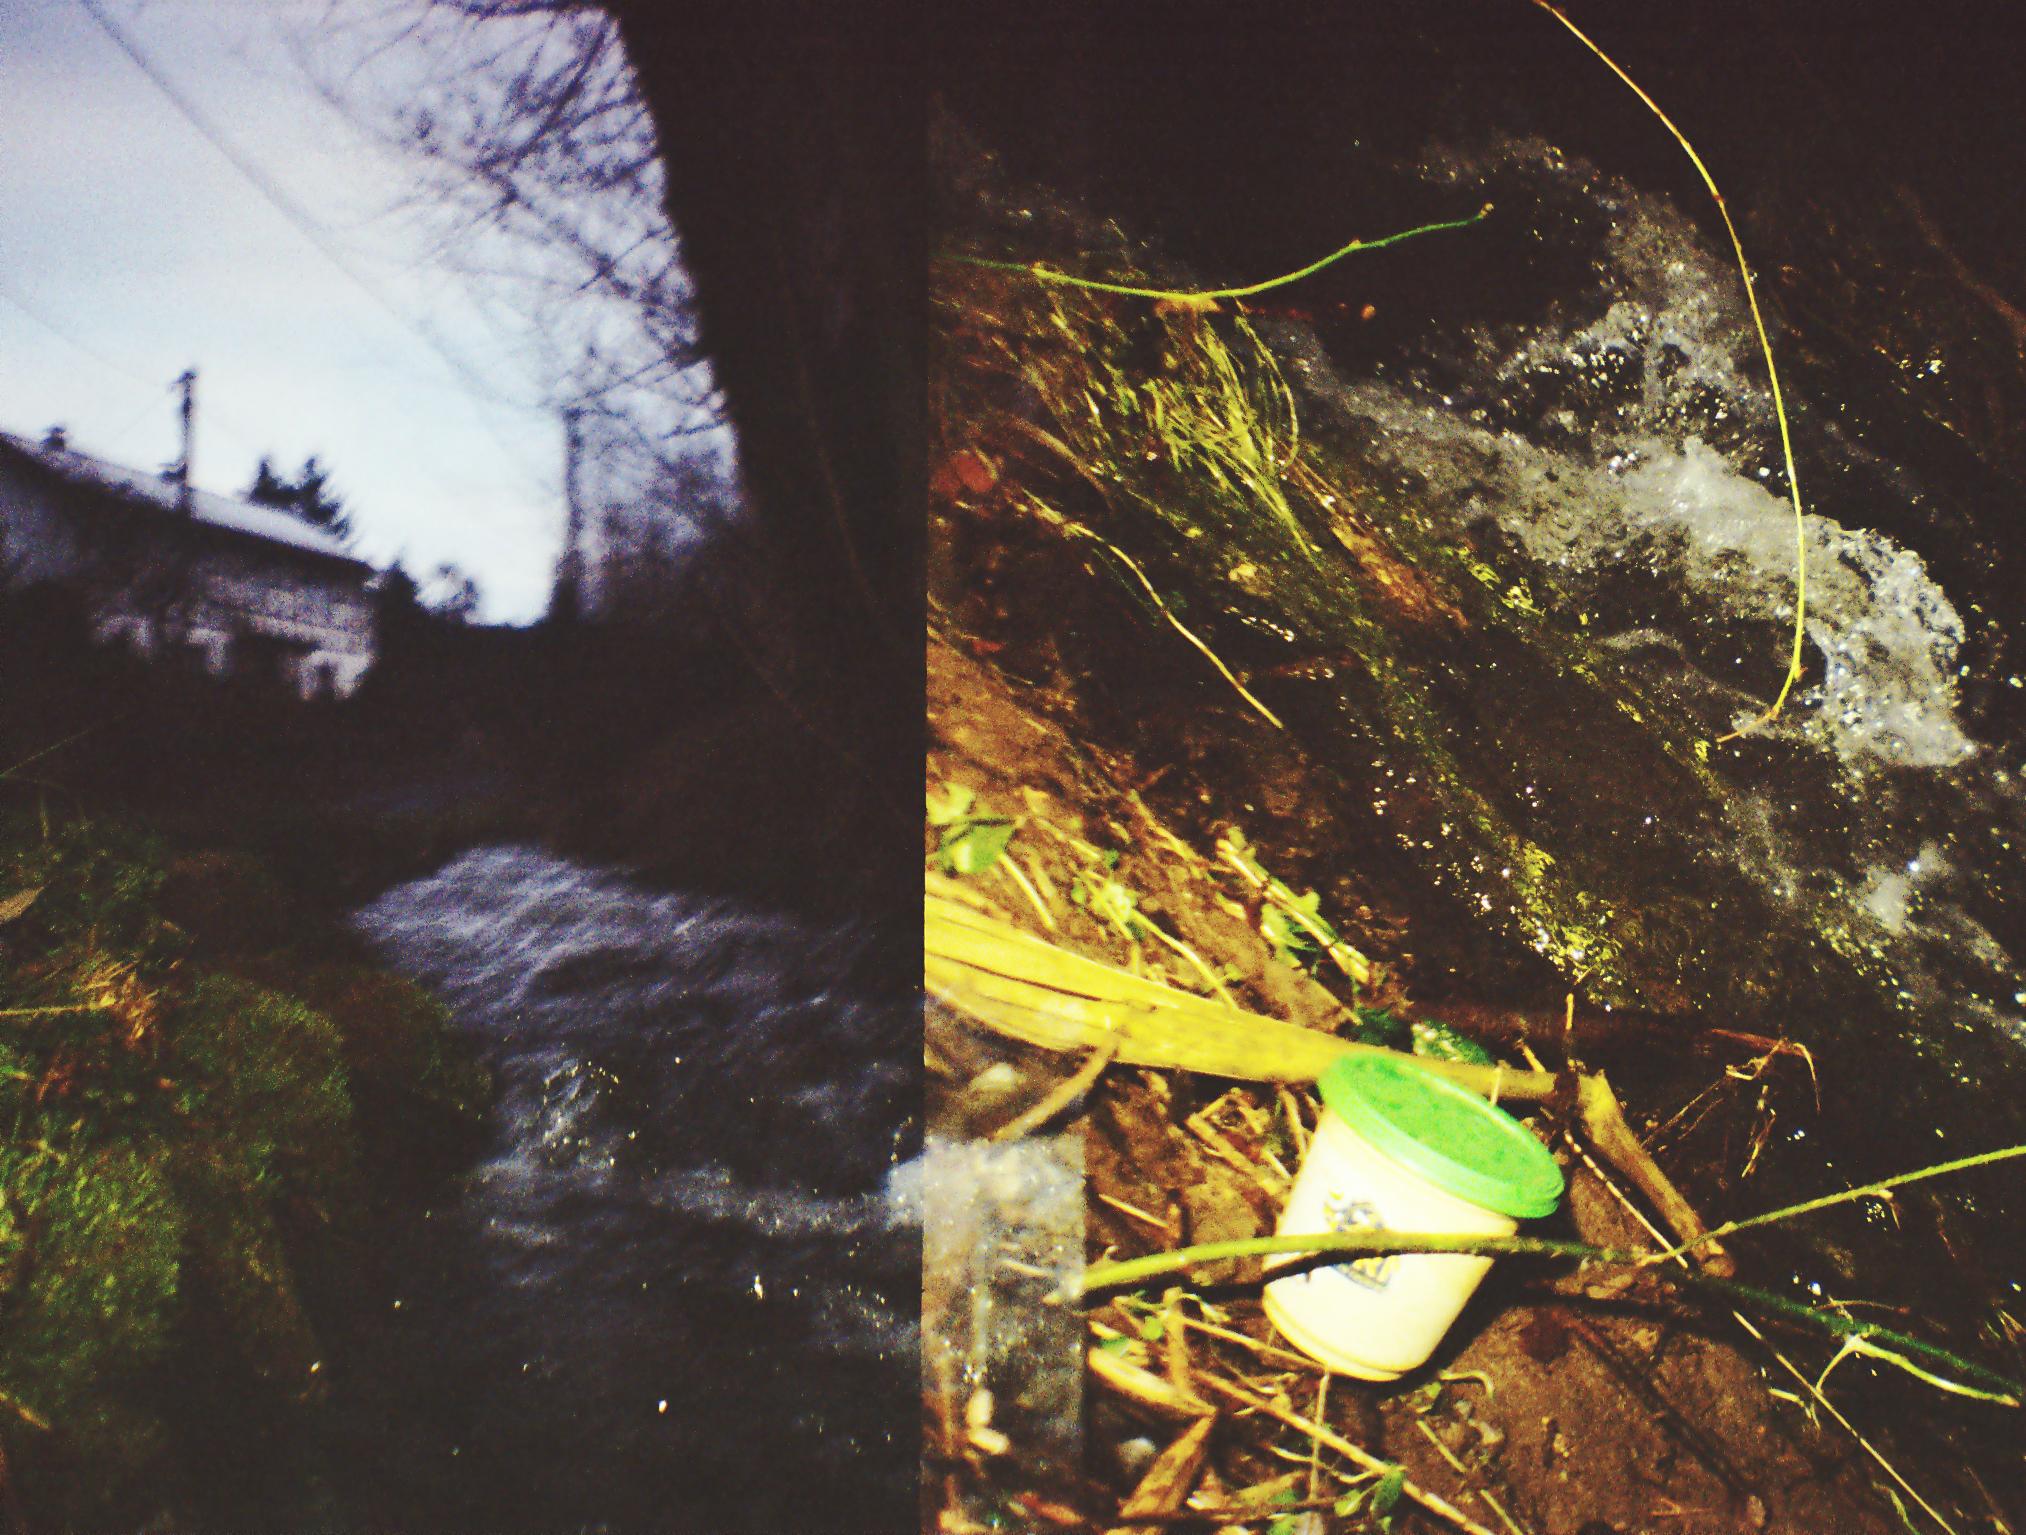 Lomo_Senfbecher_Fluss.jpg